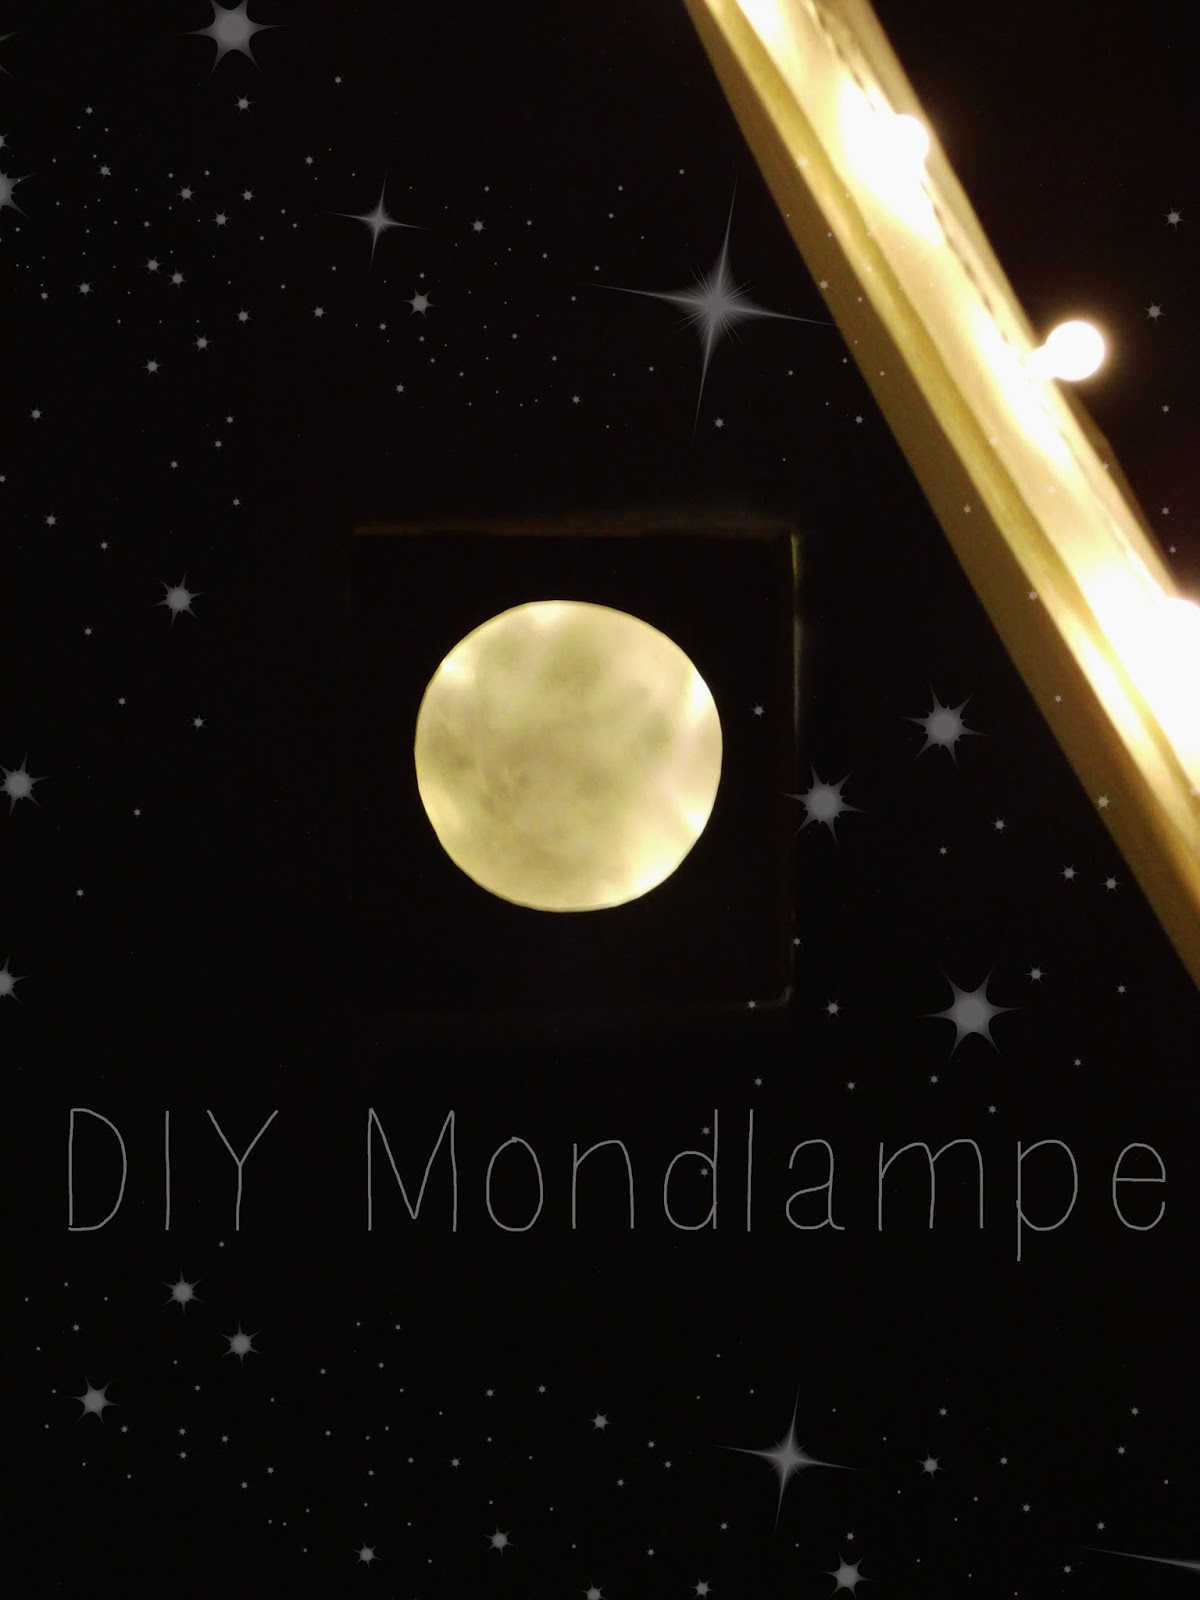 Ernestka stiller november und der supermond diy - Mondlampe kinderzimmer ...